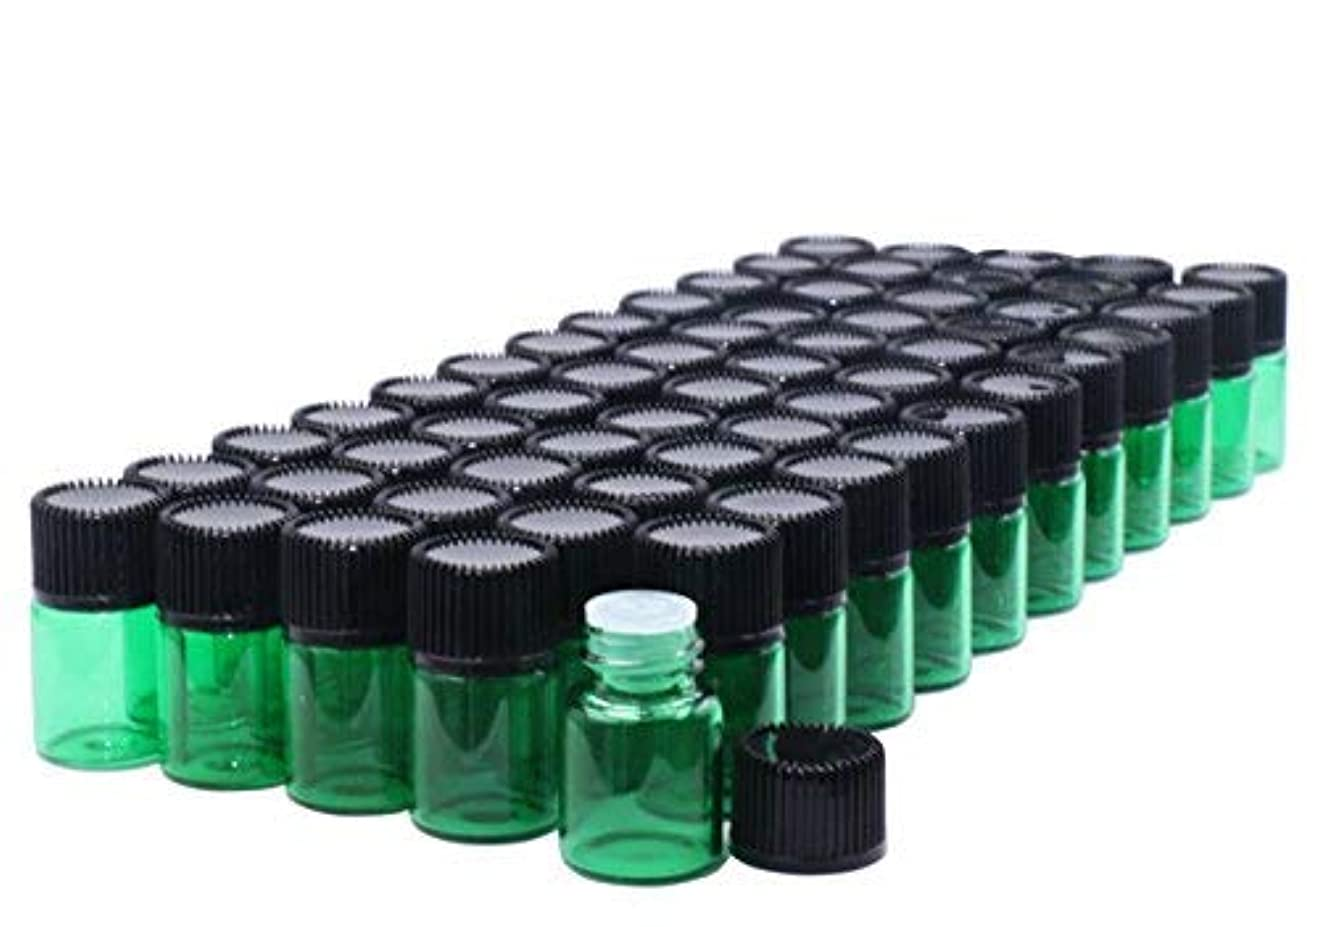 苦しめるジャンピングジャックキリンPack of 60,2 ml (5/8 Dram) Green Glass Sample Vials Empty Small glass essential oil sampling Test Bottles with...